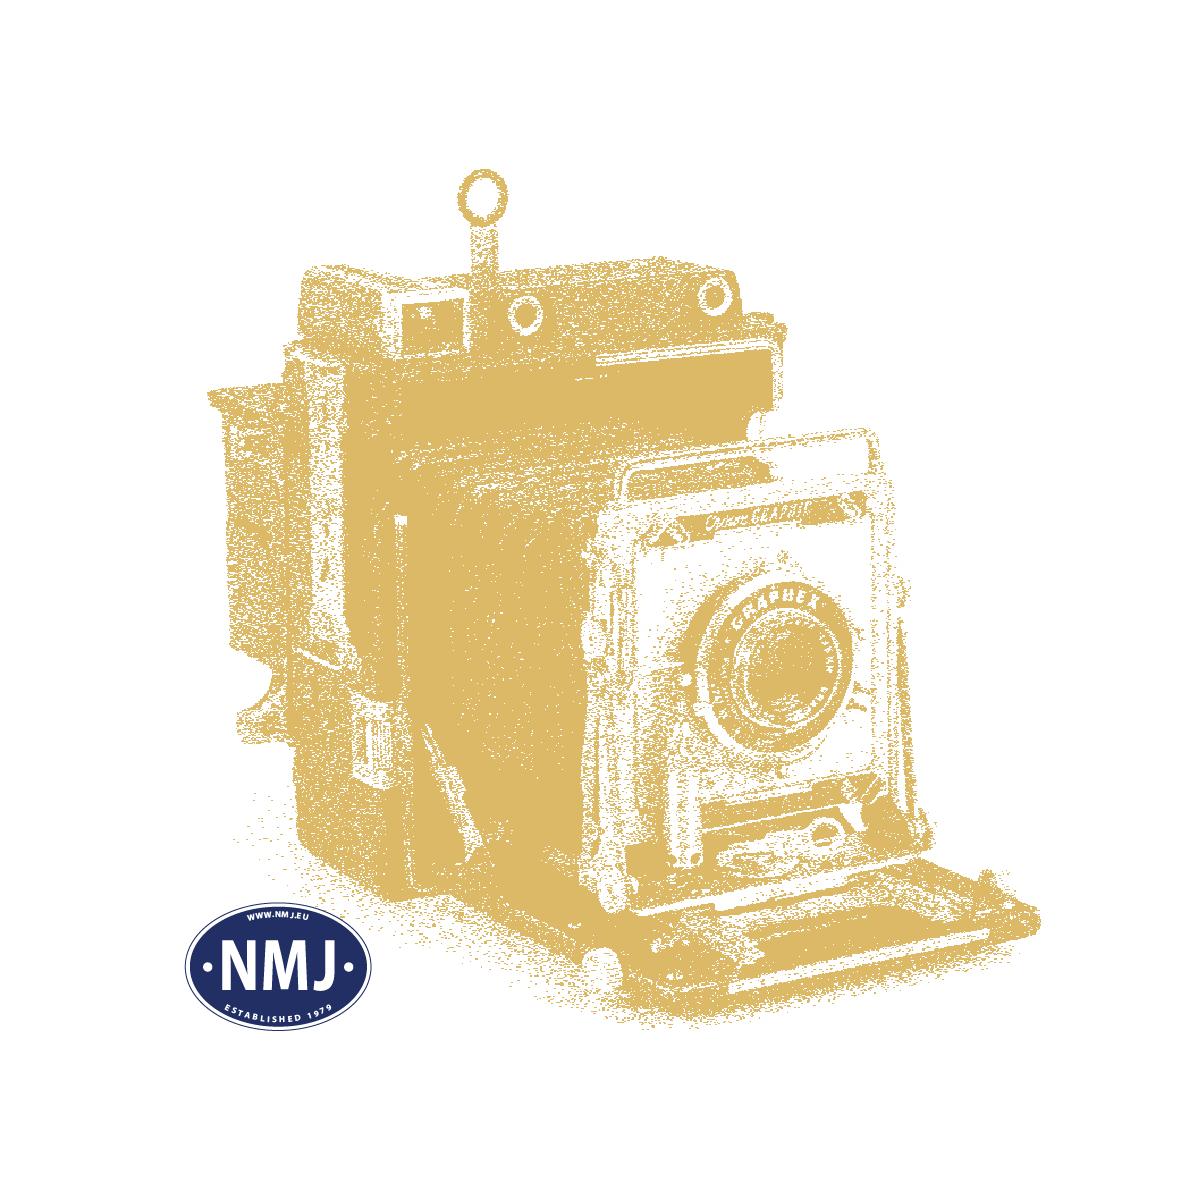 TOM02070402 - Micro Lysdiode m/print og loddepunkter, Gul